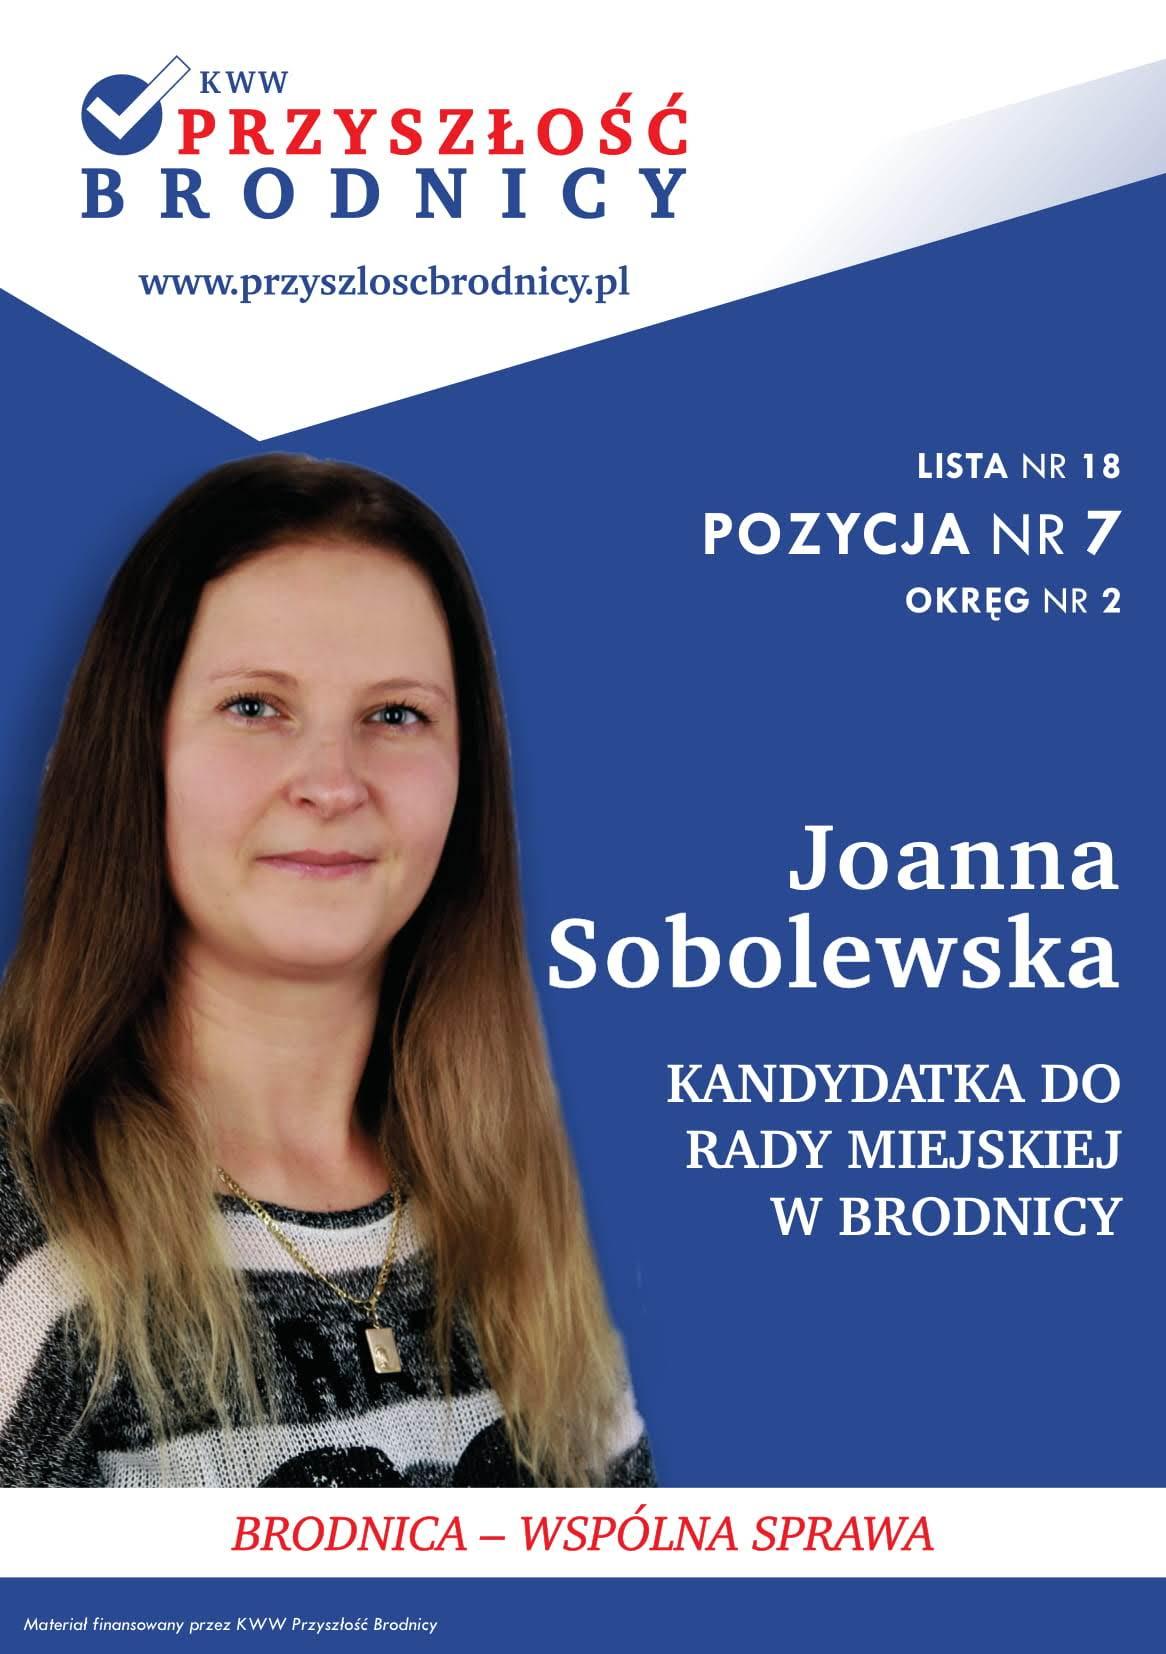 Joanna Sobolewska